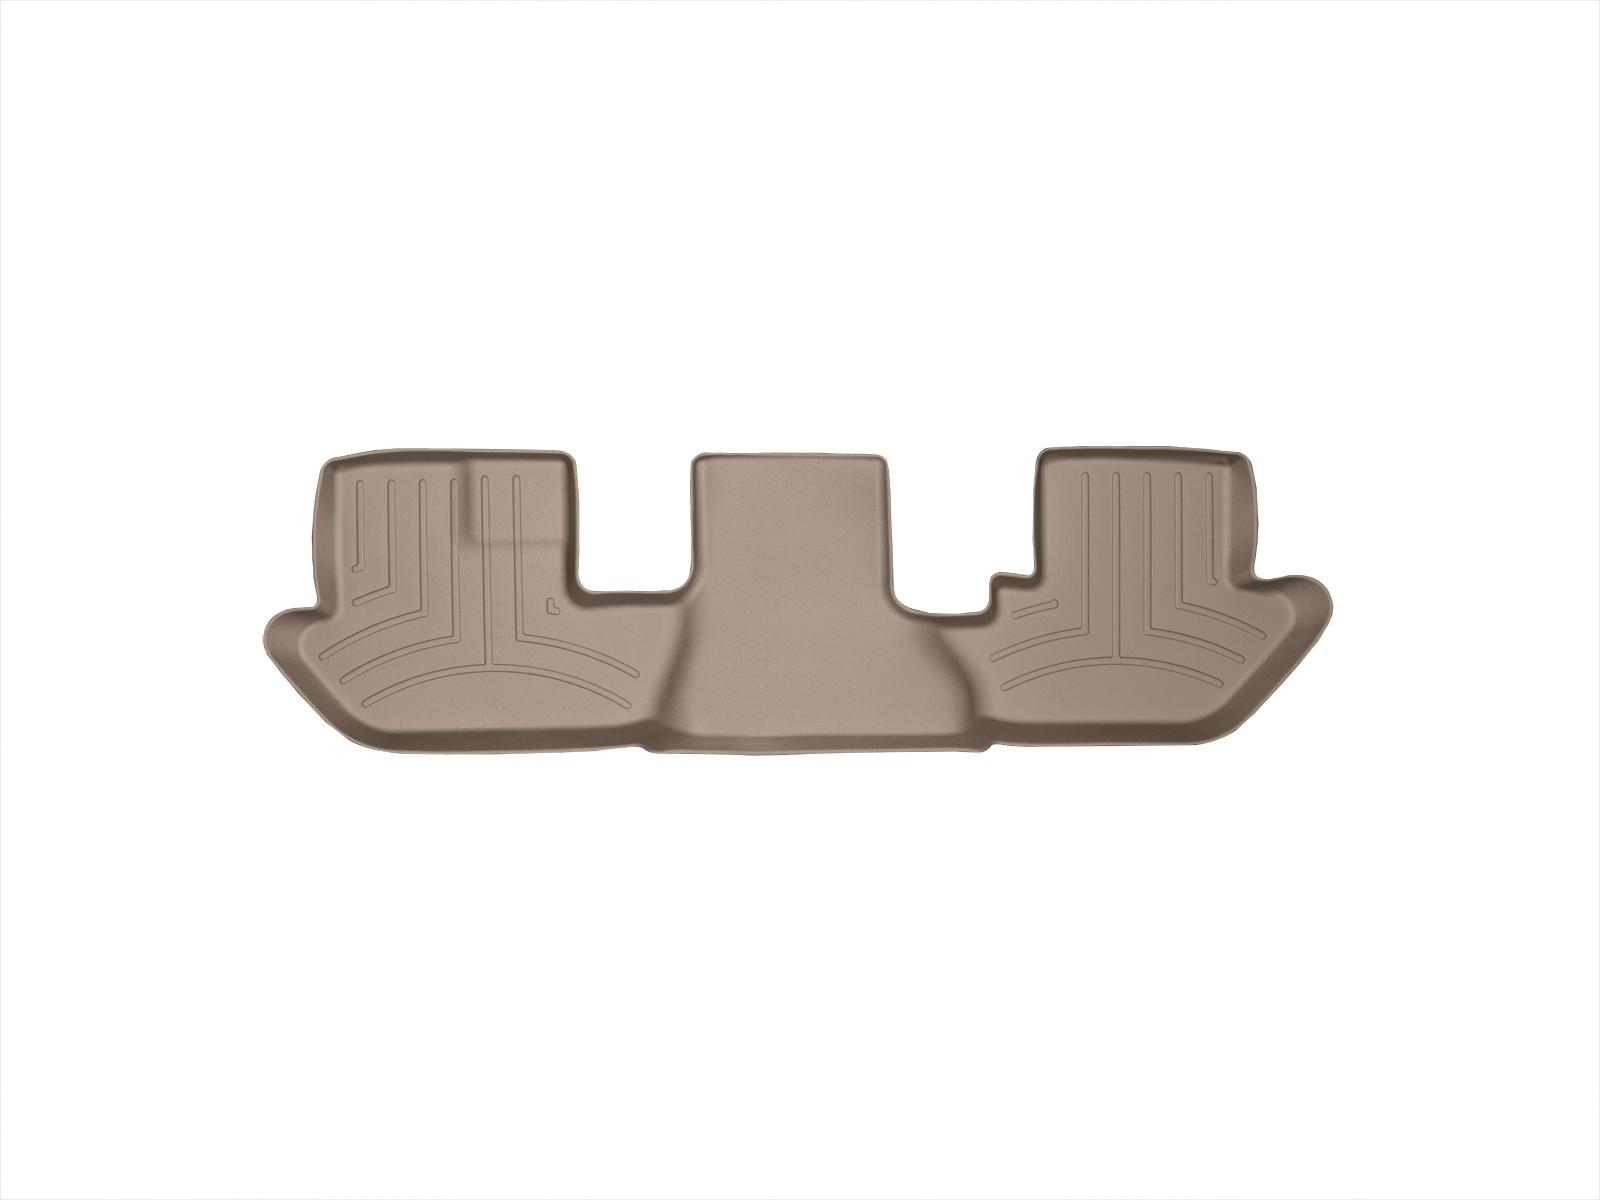 Tappeti gomma su misura bordo alto Cadillac Escalade ESV 03>06 Marrone A37*